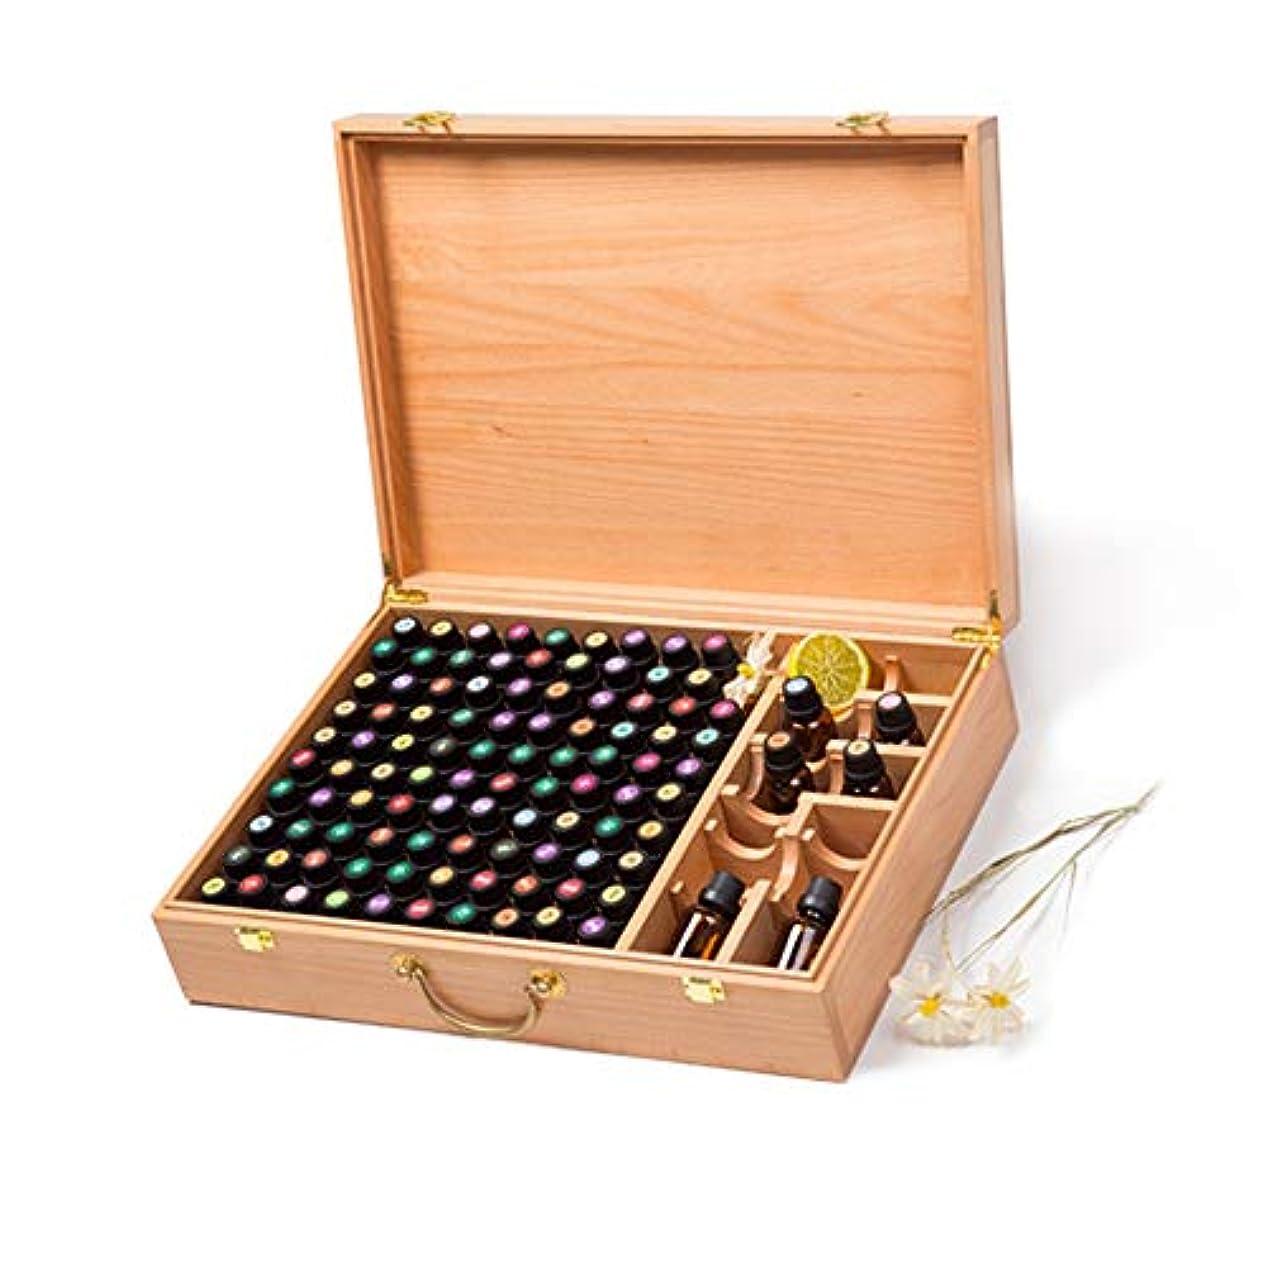 運命名目上の映画エッセンシャルオイルの保管 ハンドルパーフェクトエッセンシャルオイルのケースでは手作りの木製エッセンシャルオイルストレージボックスは100の油のボトルを保持します (色 : Natural, サイズ : 44X31.5X10.5CM)